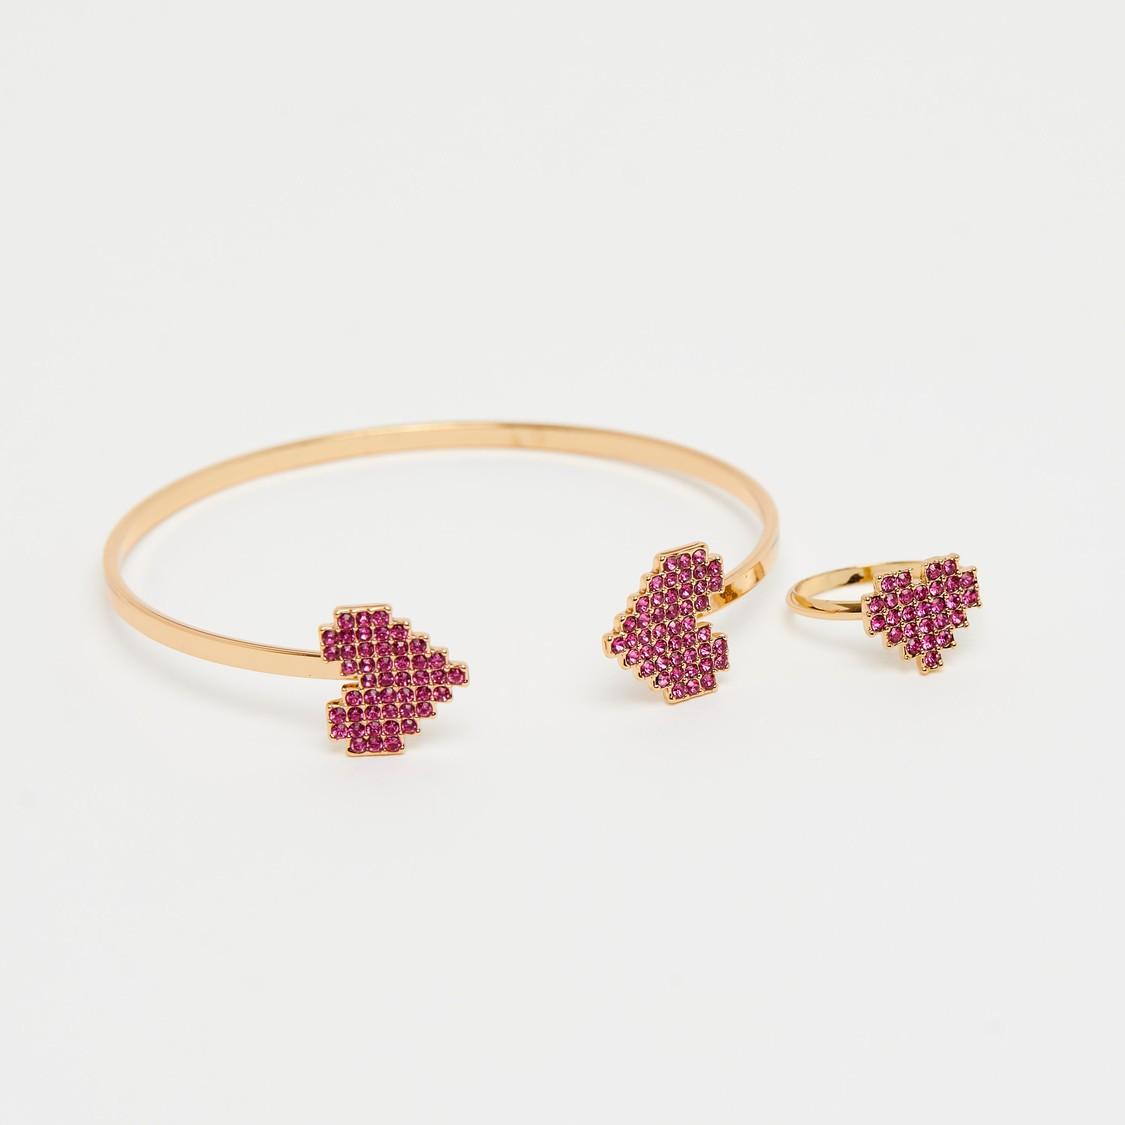 Embellished Open Cuff Bracelet and Finger Ring Set